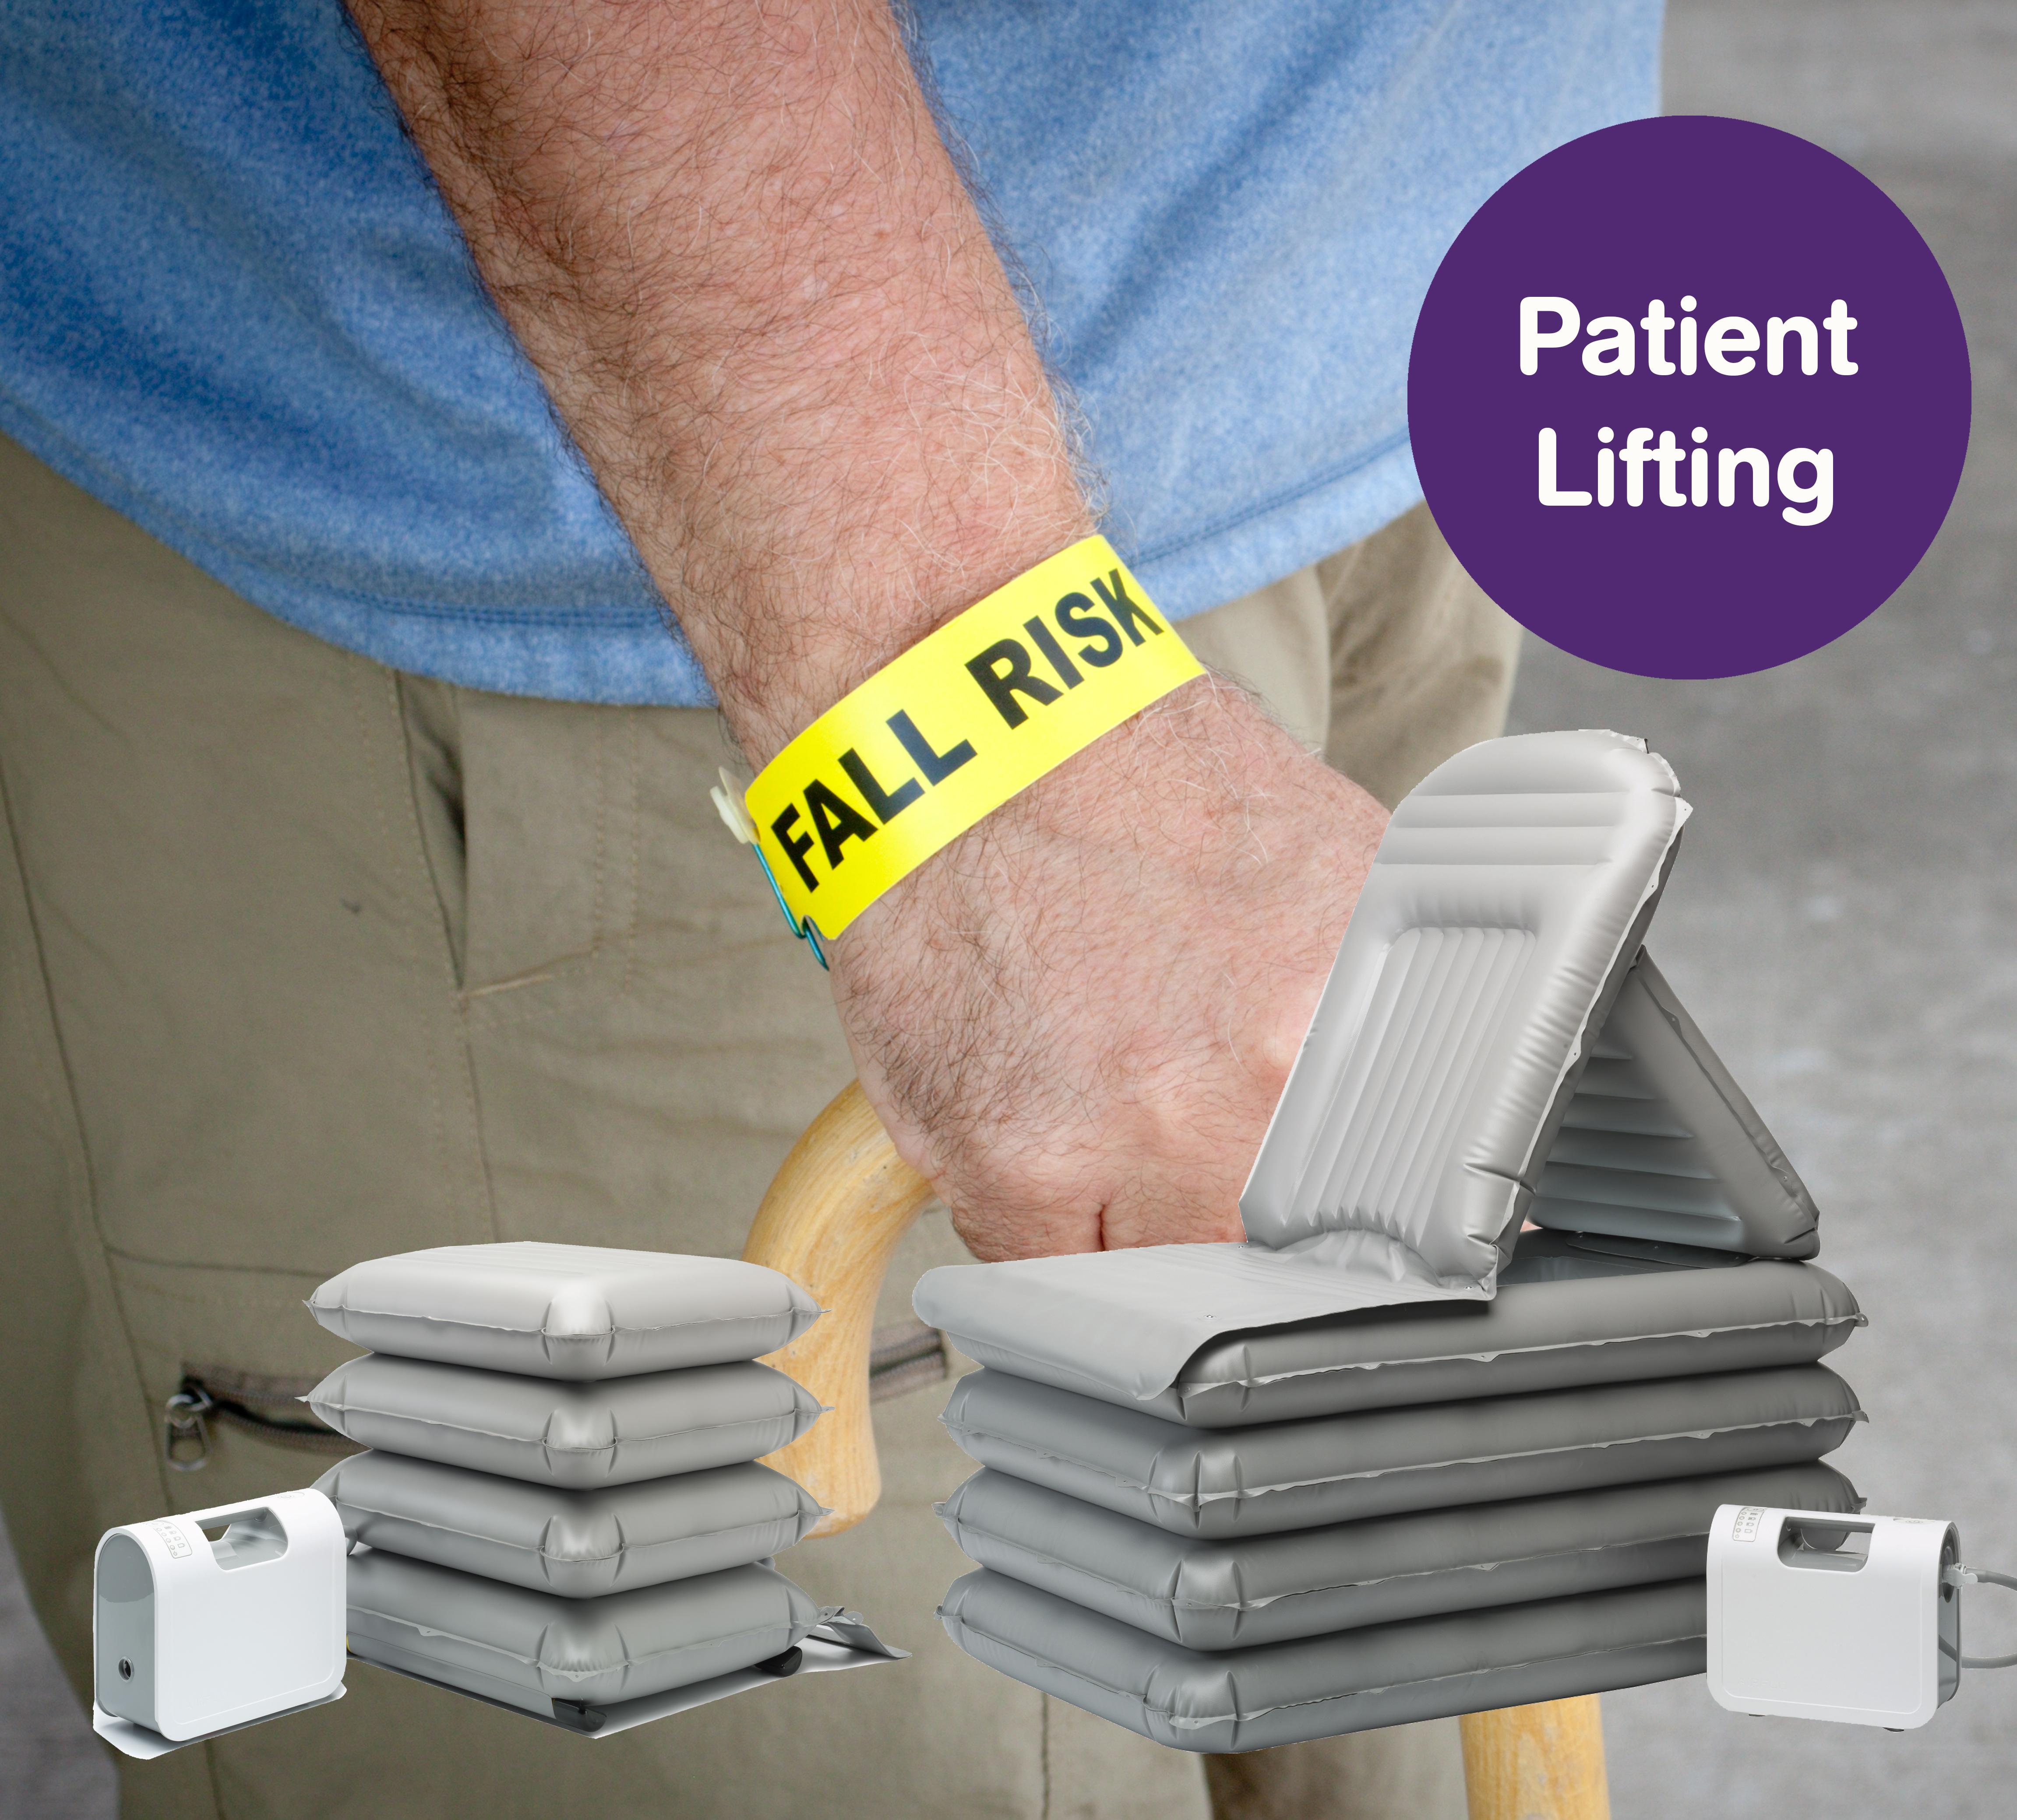 Aufrichten von Patienten